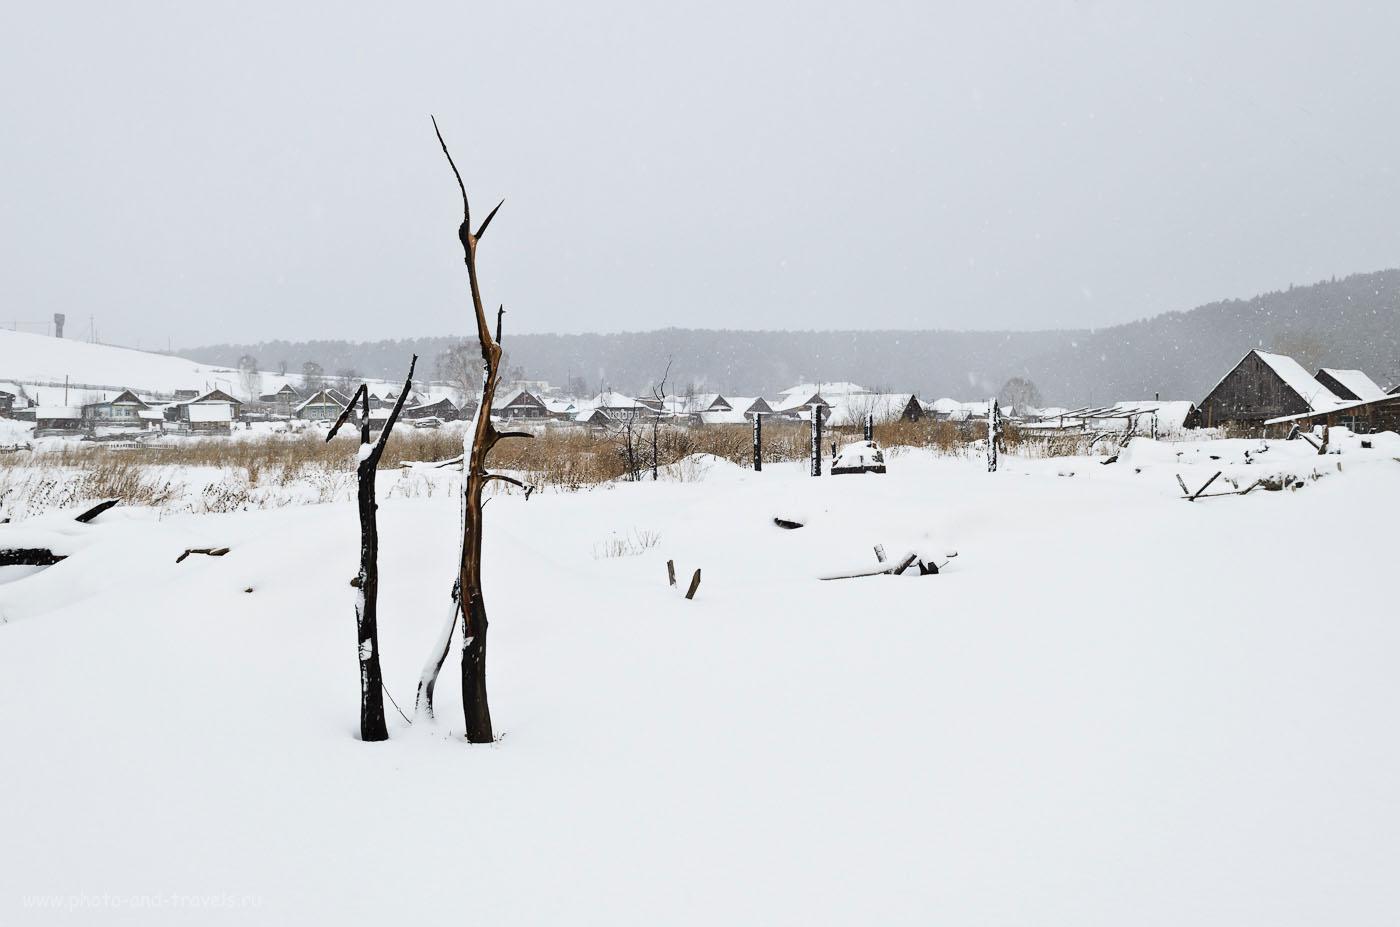 Фотография 10. Ввел коррекцию экспозиции +0.7 EV, поправил баланс белого, сделал маскирование в разделе «настройка резкости» Лайтрума. Как правильно настраивать камеру при съемке зимой (когда много снега) или на море (где есть белоснежный песок), чтобы снимок не был серым.